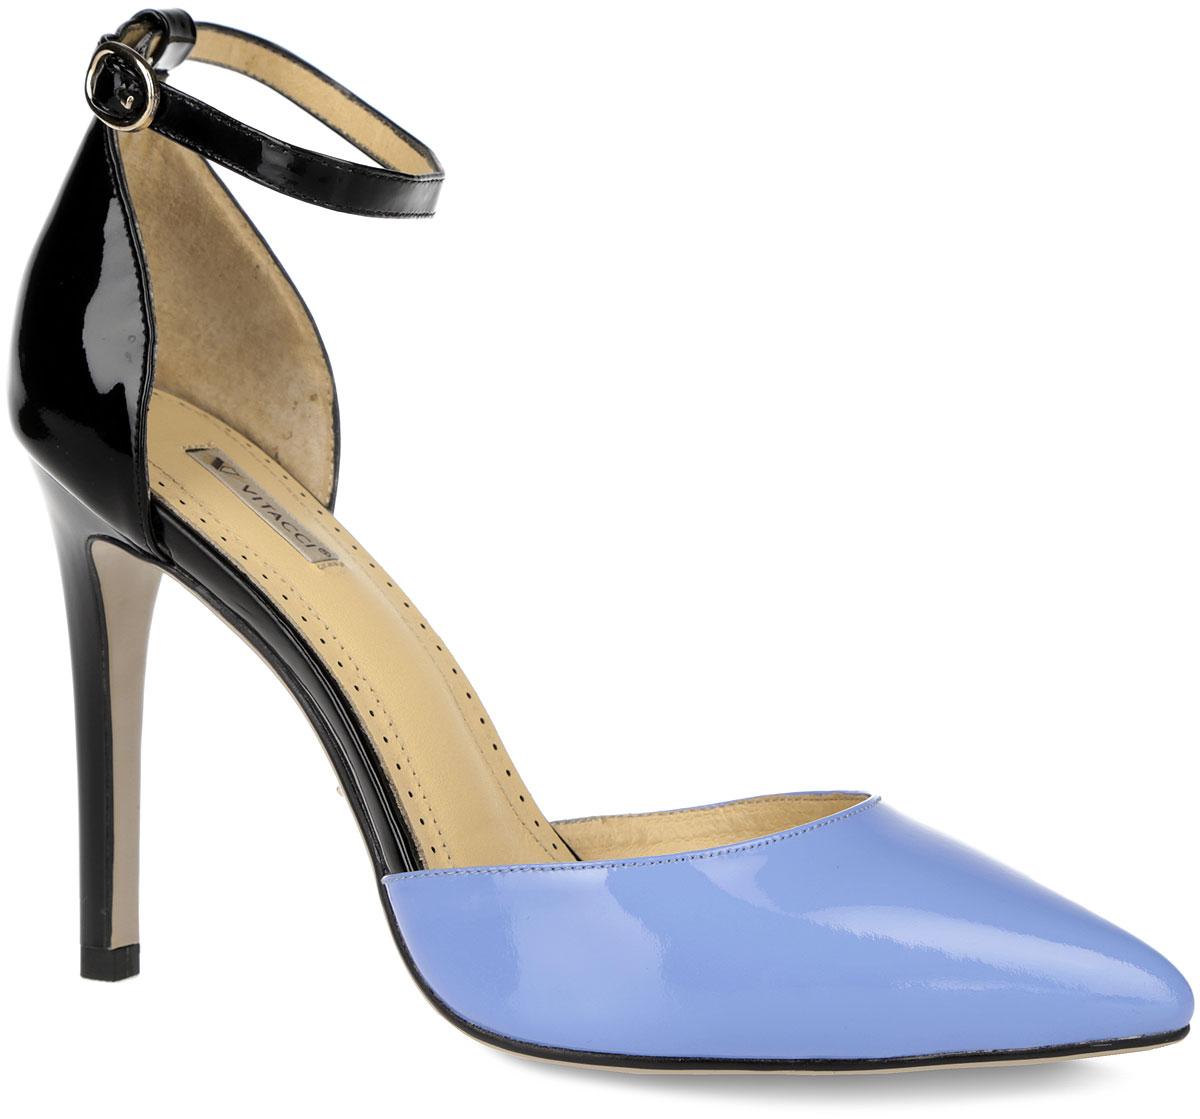 Туфли женские. 741674166Эффектные туфли от Vitacci не оставят вас незамеченной! Модель выполнена из натуральной лакированной кожи контрастных цветов. Фиксирующий ремешок с металлической пряжкой надежно закрепит модель на вашей щиколотке. Длина ремешка регулируется за счет болта. Заостренный носок смотрится невероятно женственно. Стелька из натуральной кожи с названием бренда и с перфорацией по контуру комфортна при ходьбе. Высокий каблук устойчив. Рифленая поверхность каблука и подошвы гарантирует отличное сцепление с любыми поверхностями. Стильные туфли - незаменимая вещь в гардеробе настоящей модницы! Они подчеркнут ваш стиль и индивидуальность.